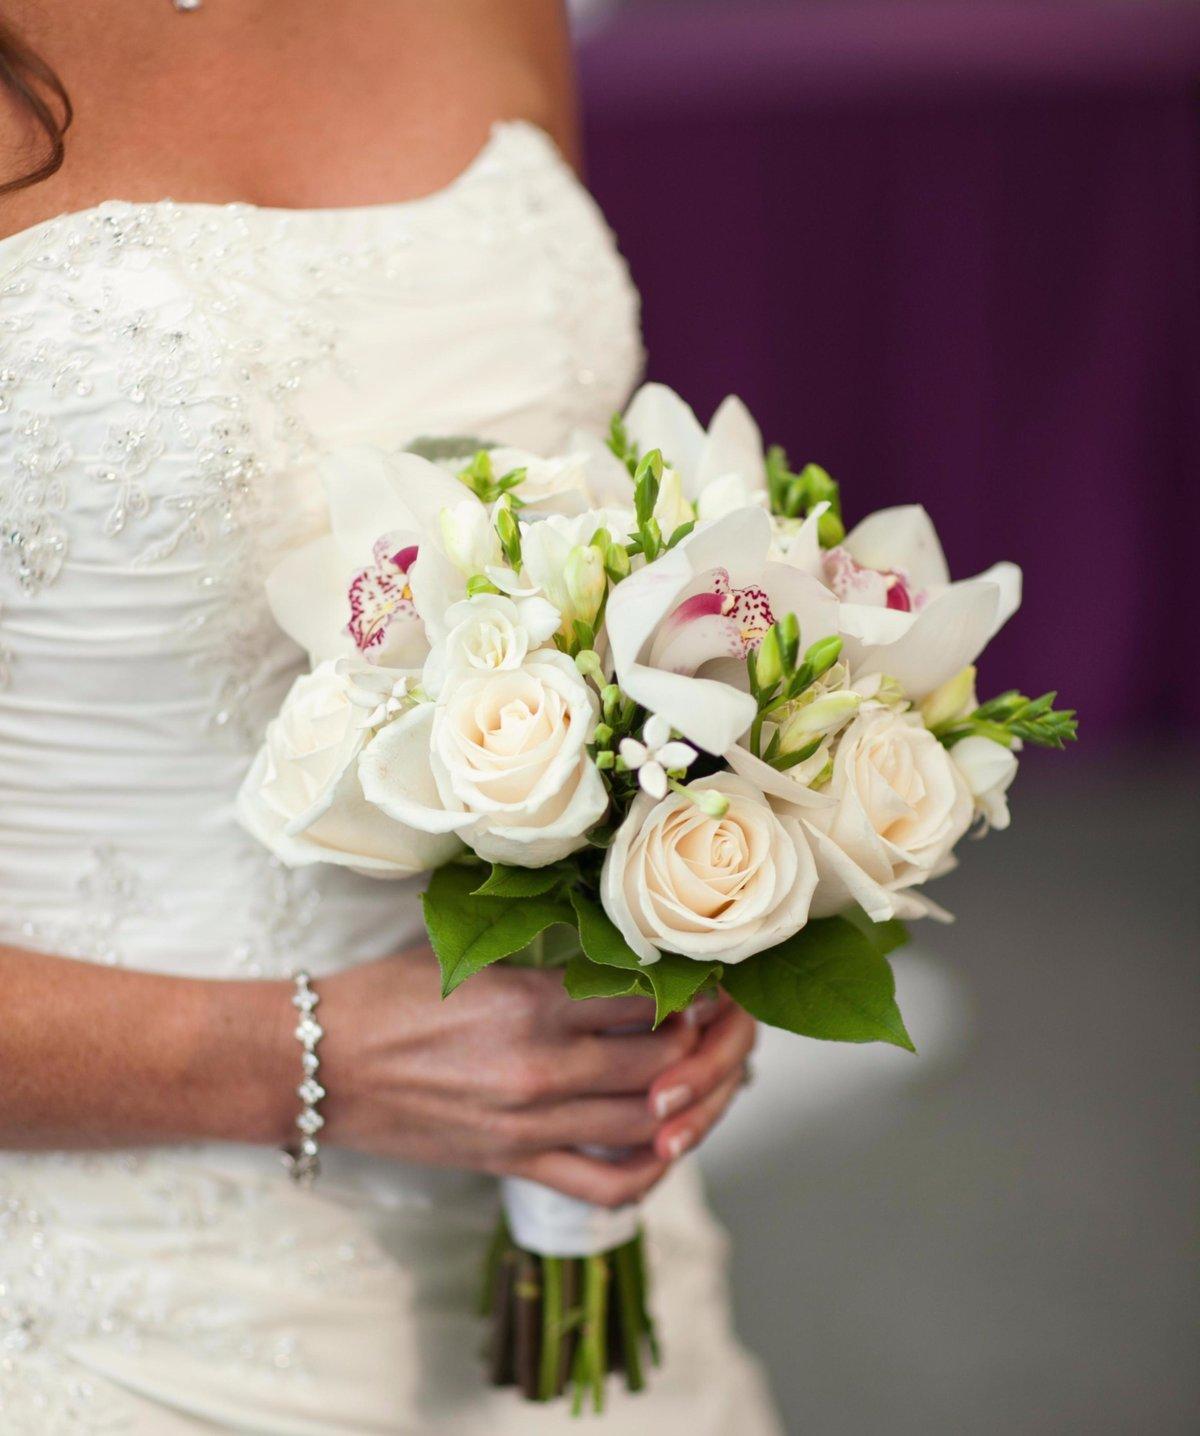 Свадебные букеты уфа купить харьков, букет цветов